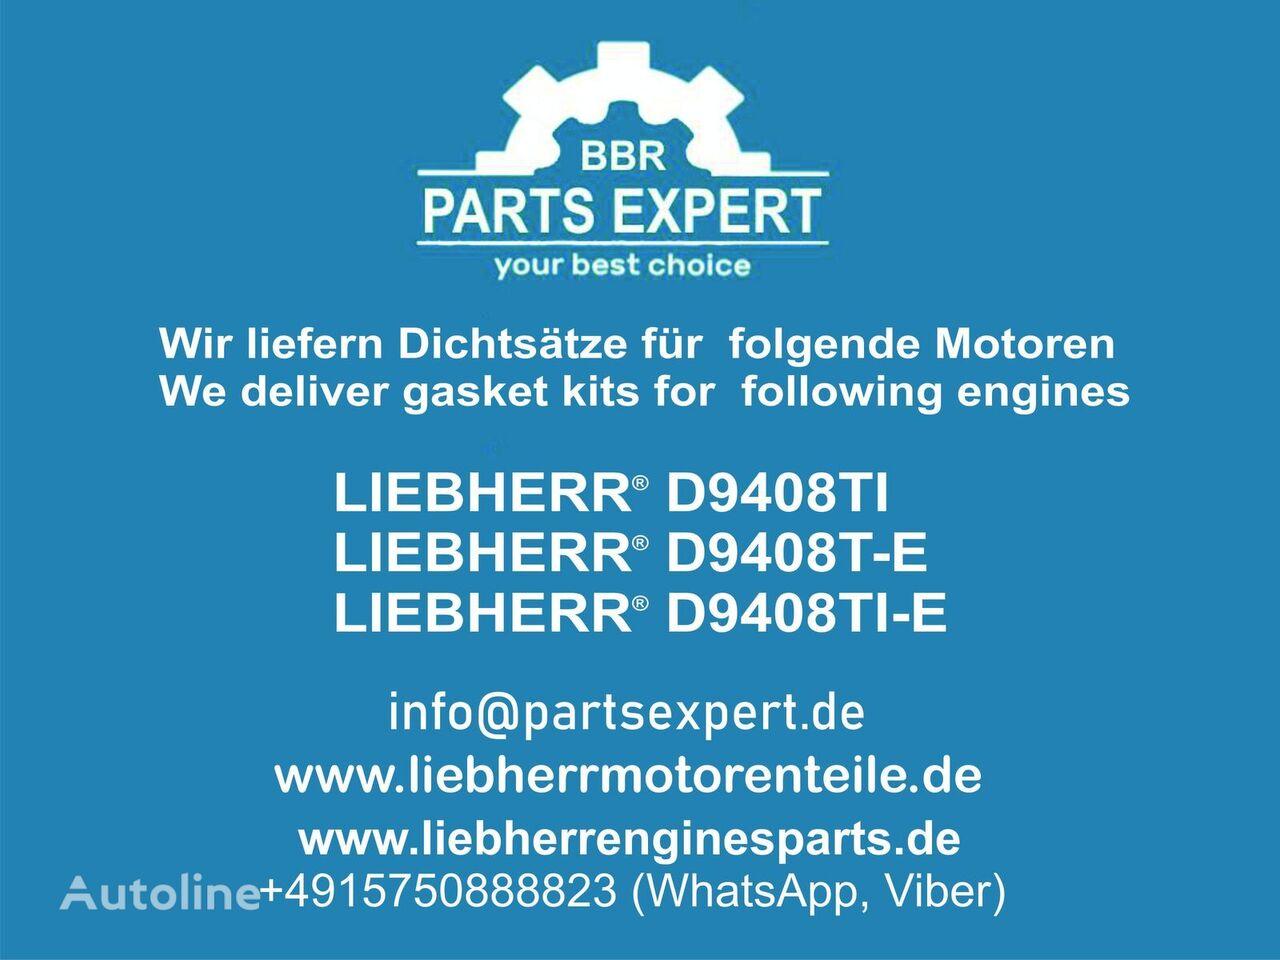 new LIEBHERR repair kit for LIEBHERR Dichtsätze Liebherr D9408 Motoren excavator